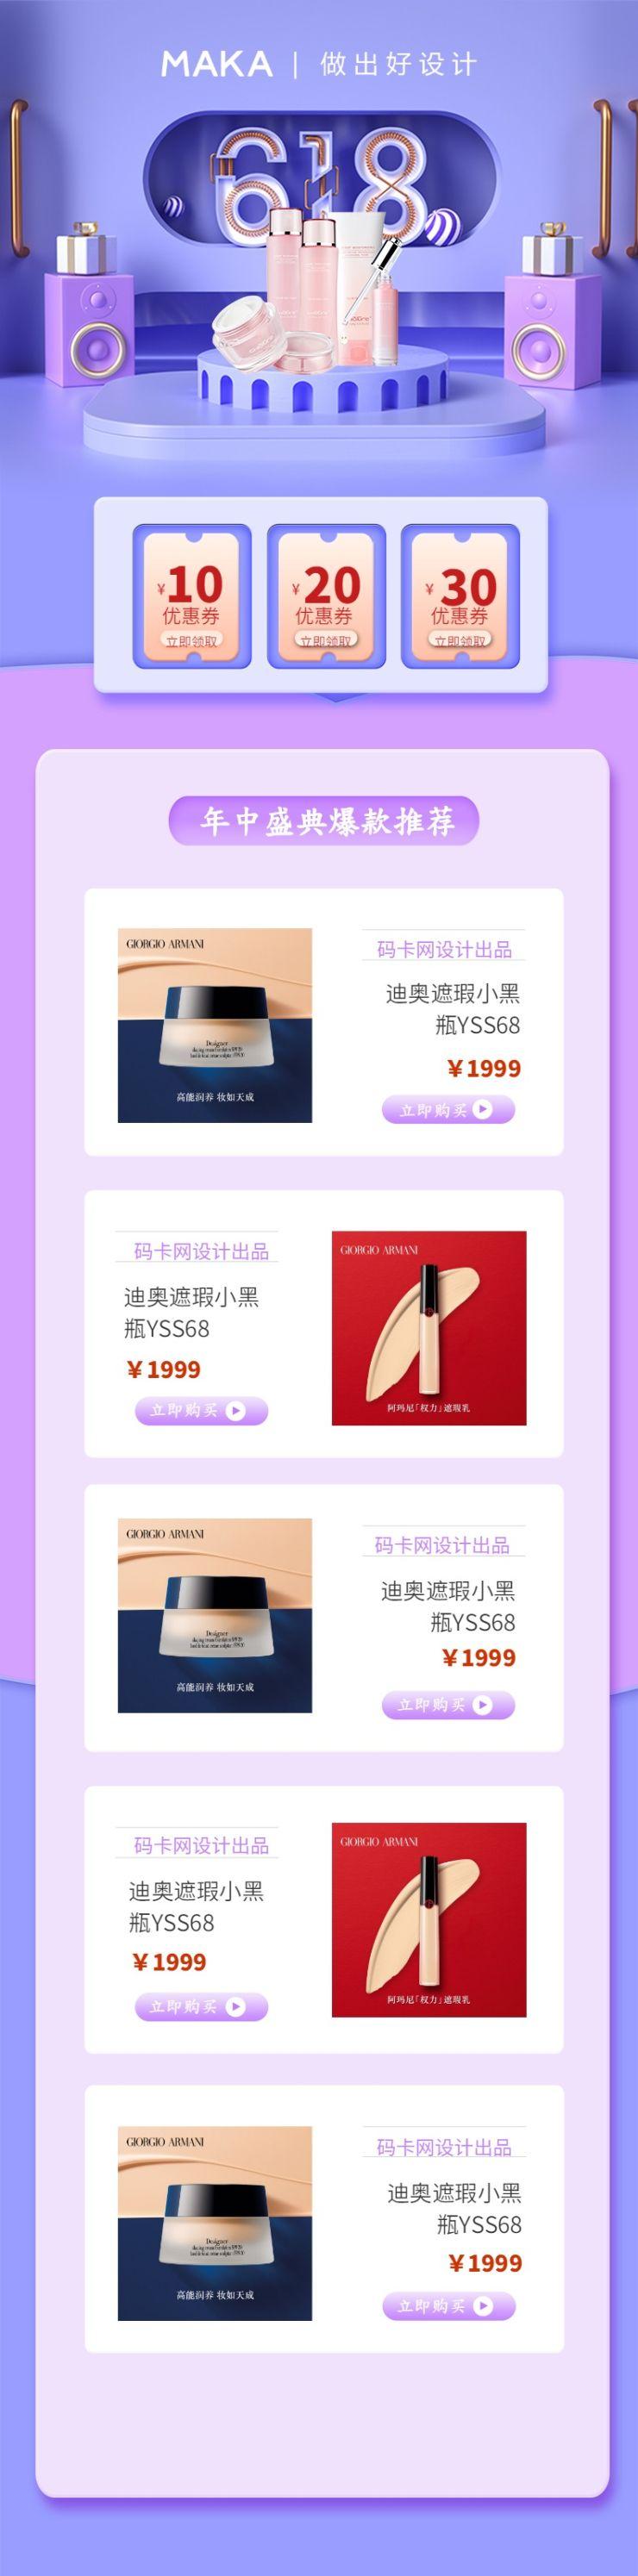 紫色简约风格618美妆促销详情图